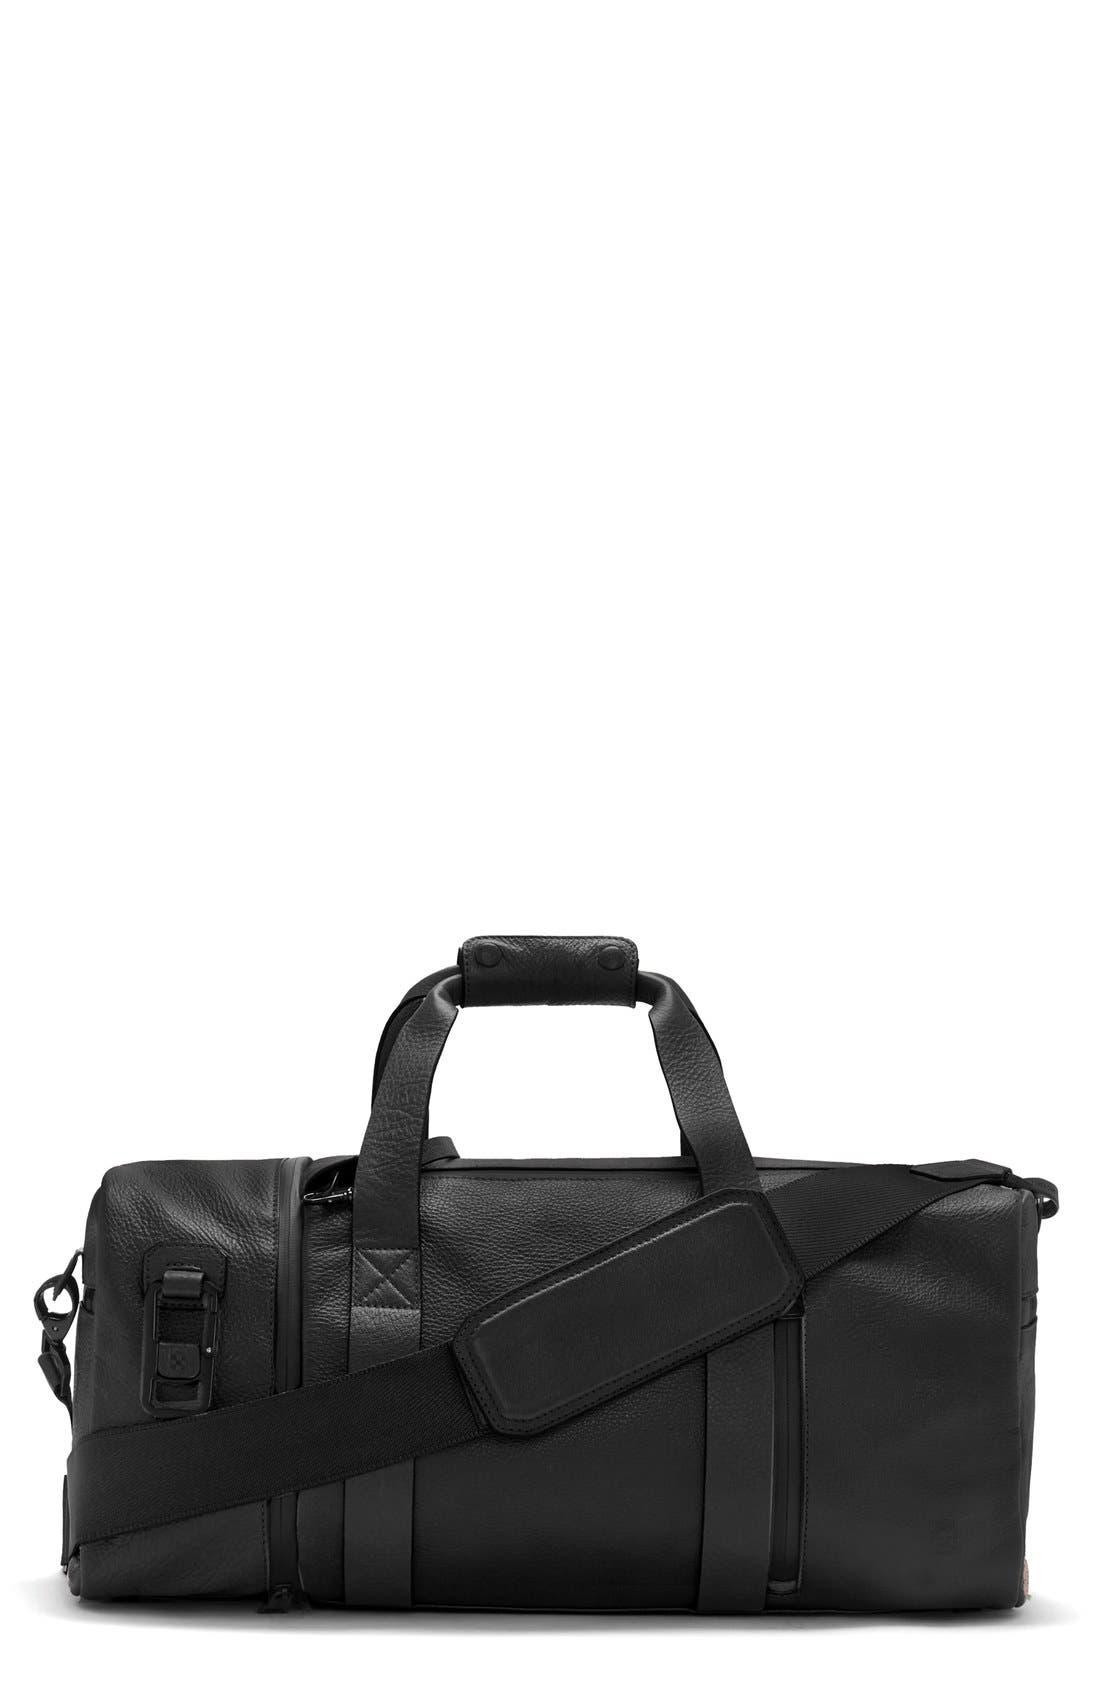 'Mestr' Leather & Suede Duffel Bag,                             Main thumbnail 1, color,                             001